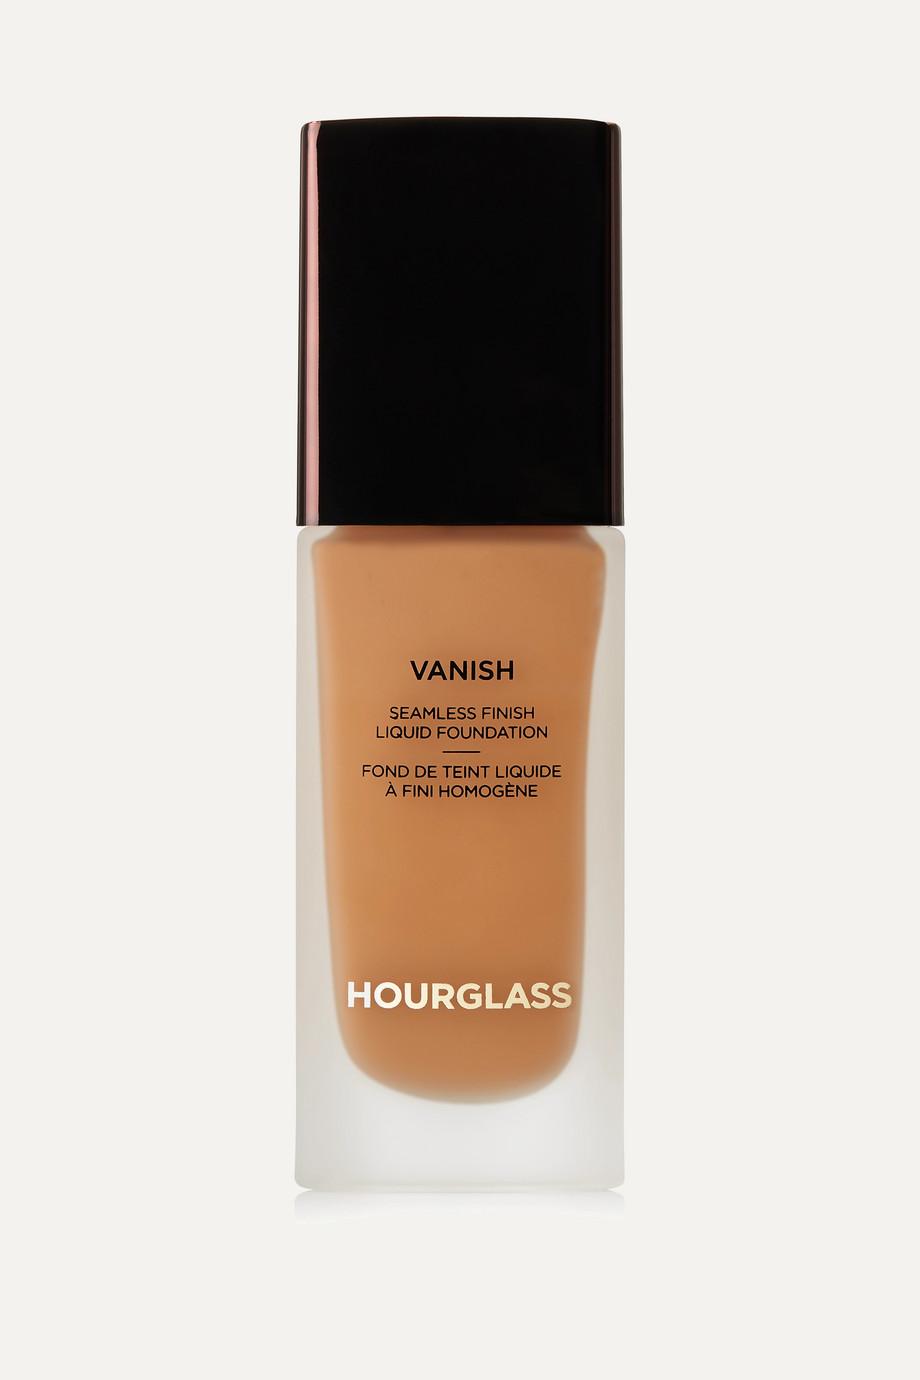 Hourglass Vanish Seamless Finish Liquid Foundation - Beige, 25ml